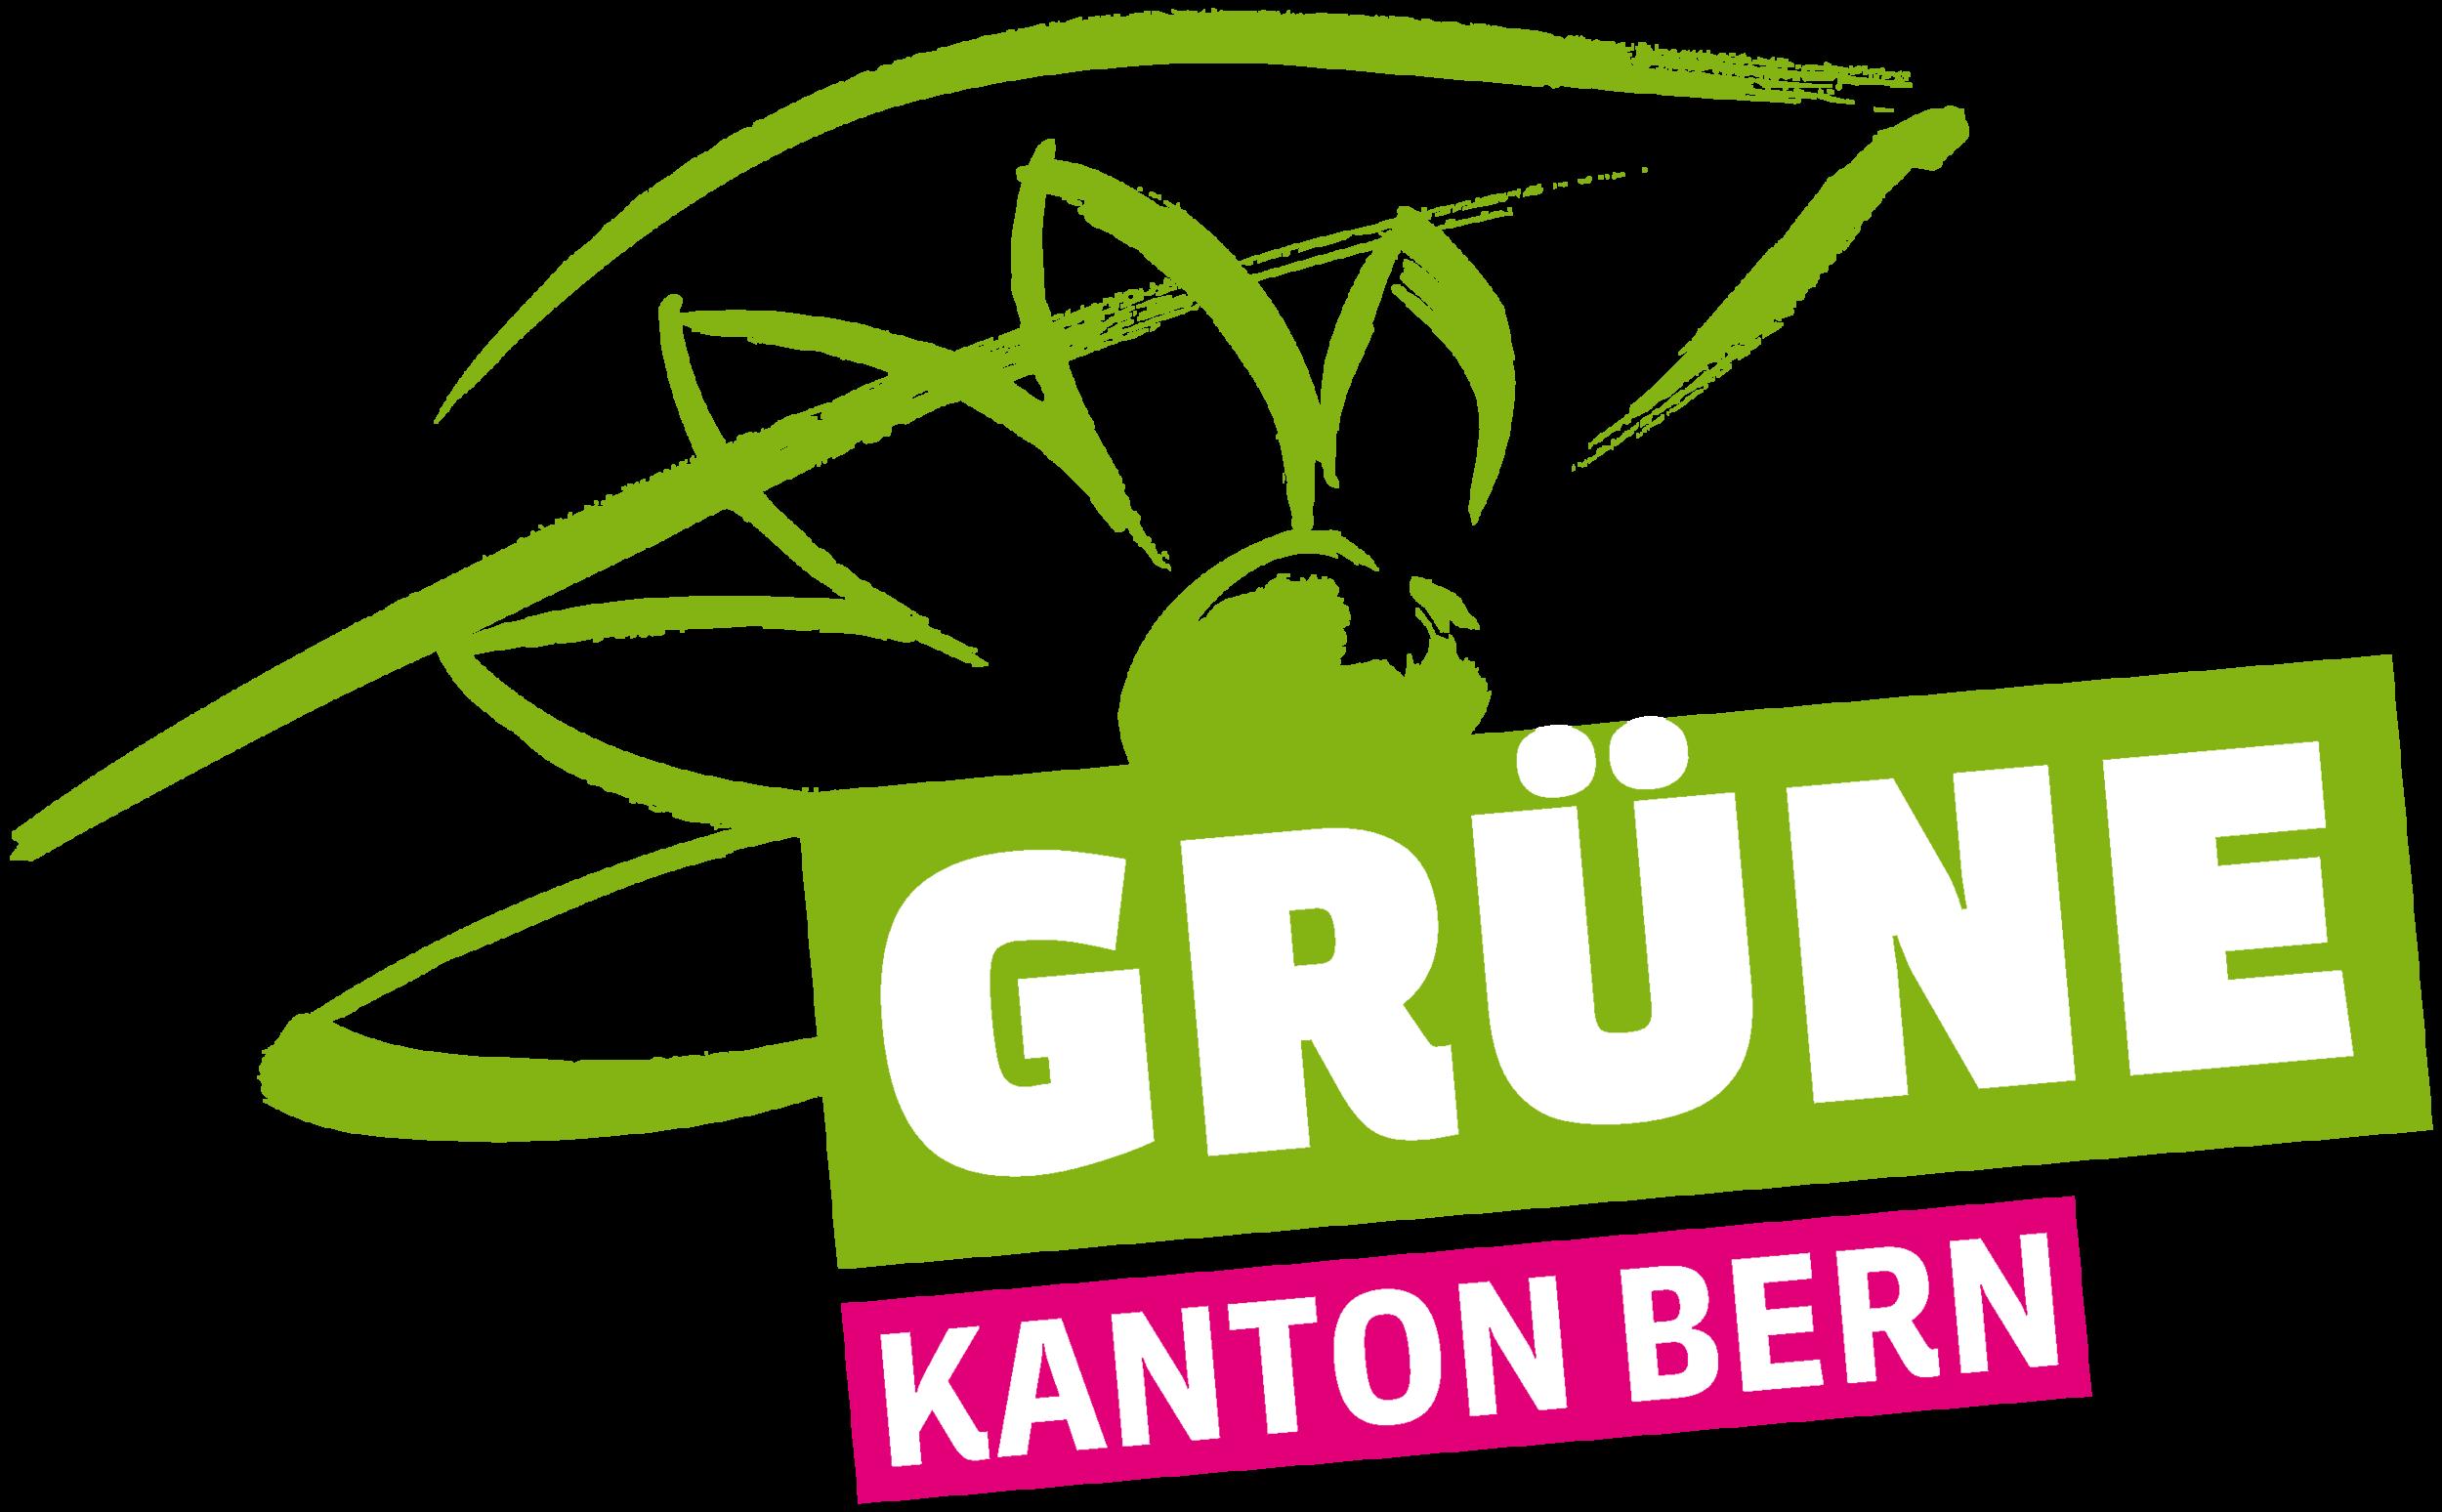 KANTON_BERN_LOGO_GRUEN_RGB.png